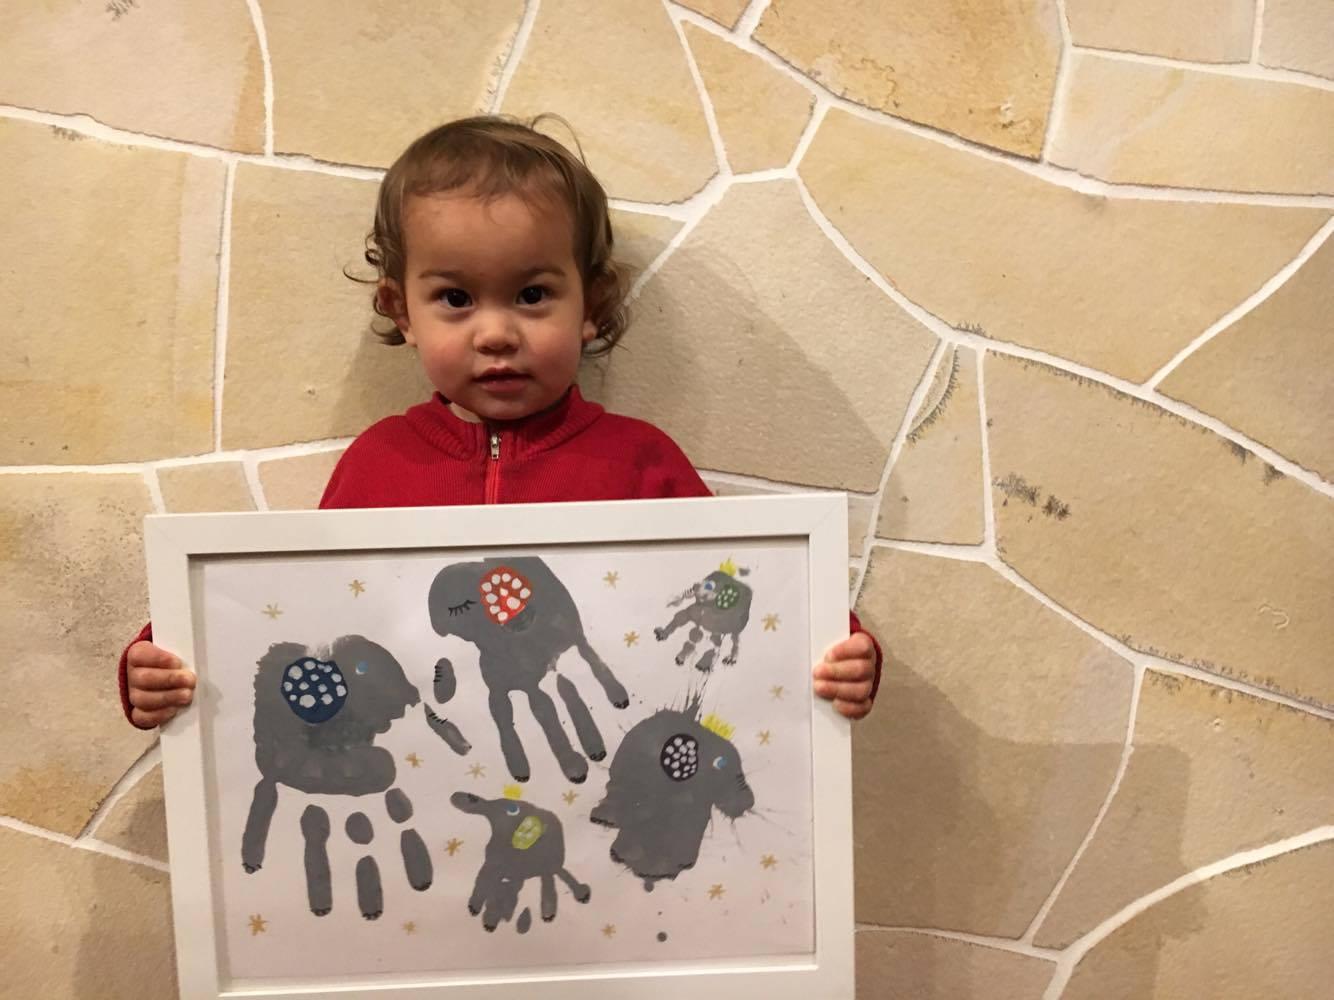 子供の小さな手をアートに!未来へのおくりもの作りワークショップ 写真